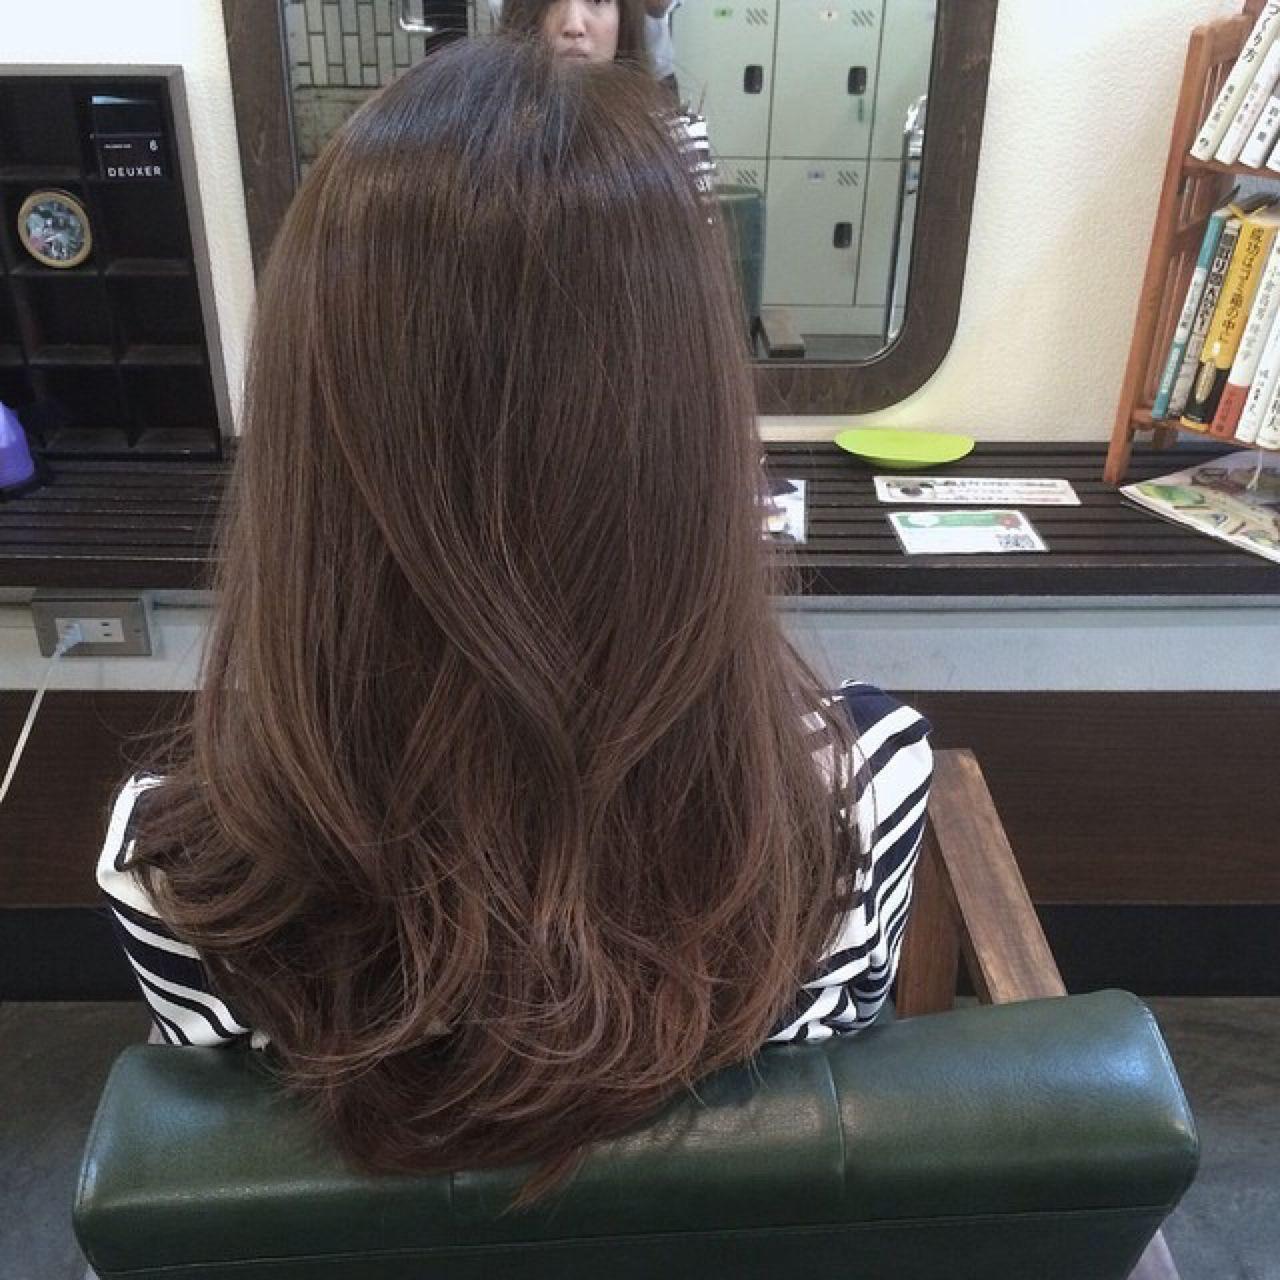 ブルーアッシュ イノセントカラー アッシュグレージュ グレージュ ヘアスタイルや髪型の写真・画像